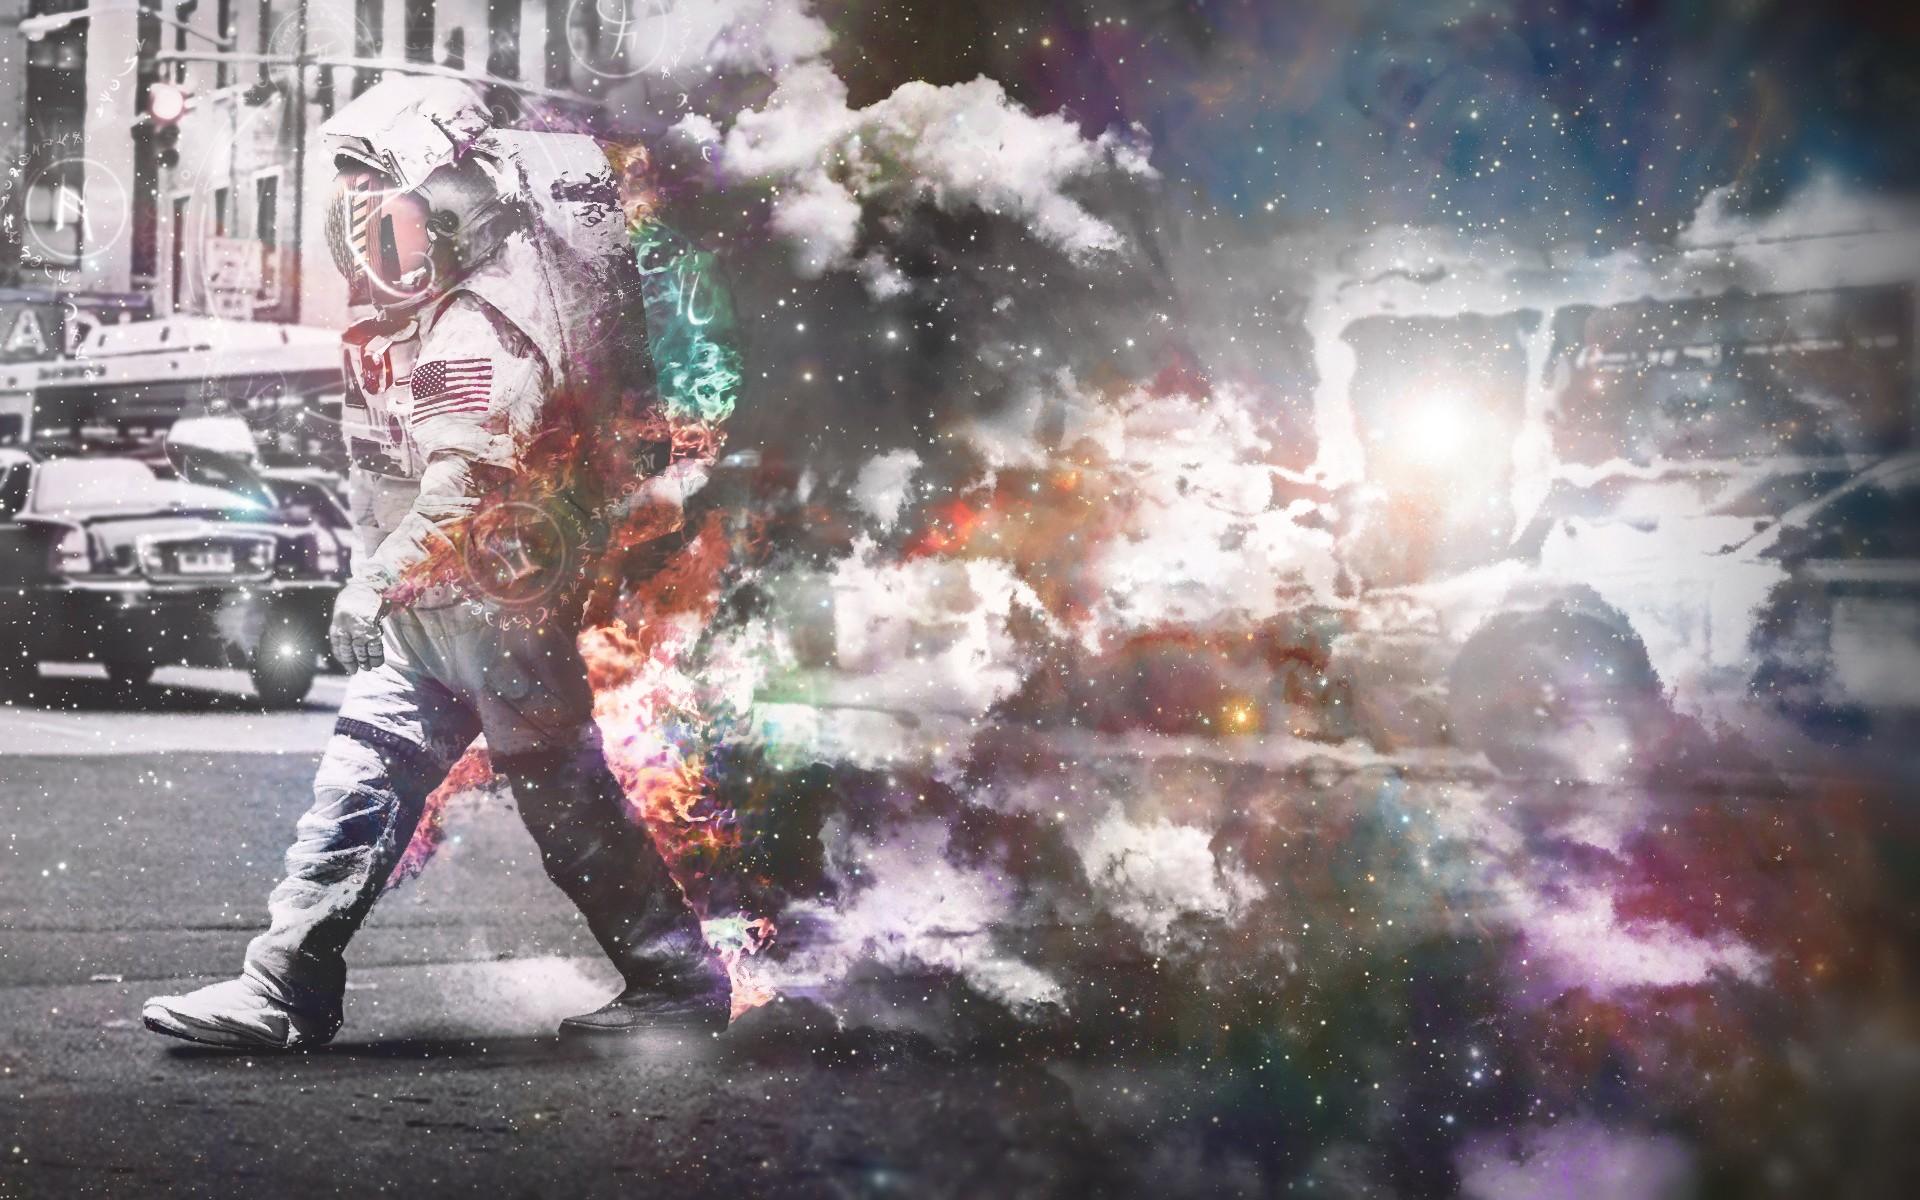 General 1920x1200 space suit digital art astronaut city